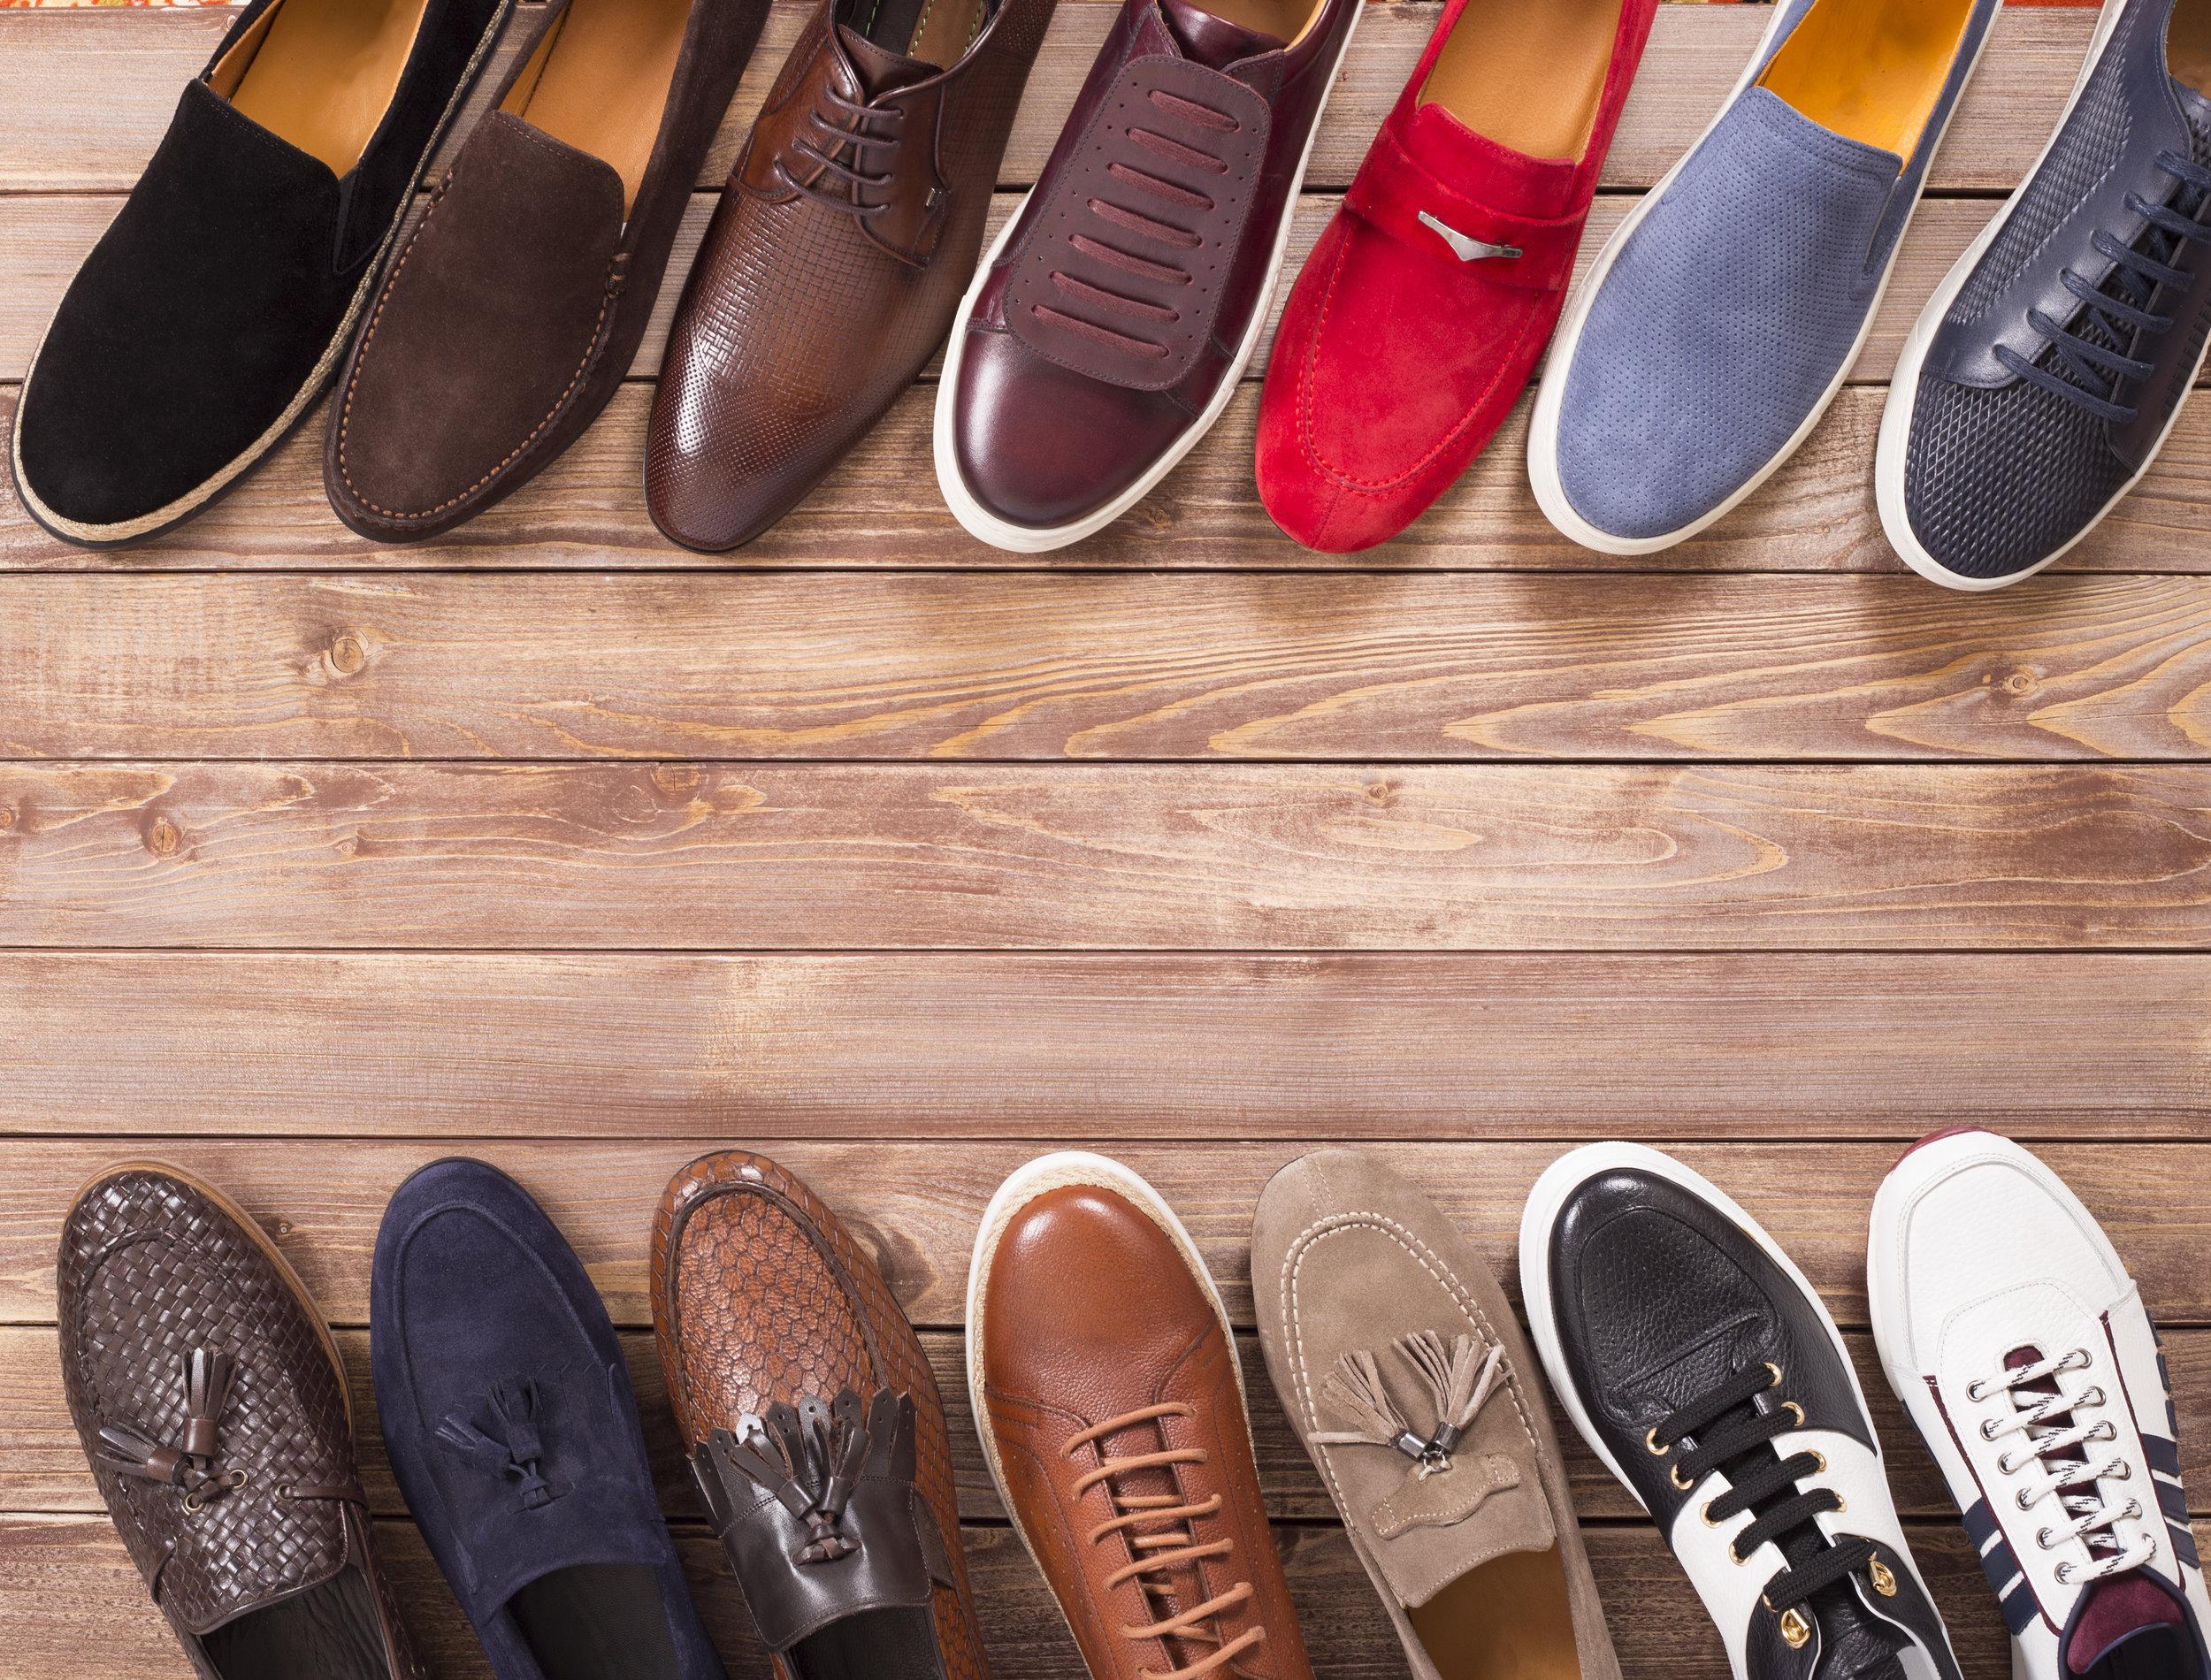 footwear warehousing